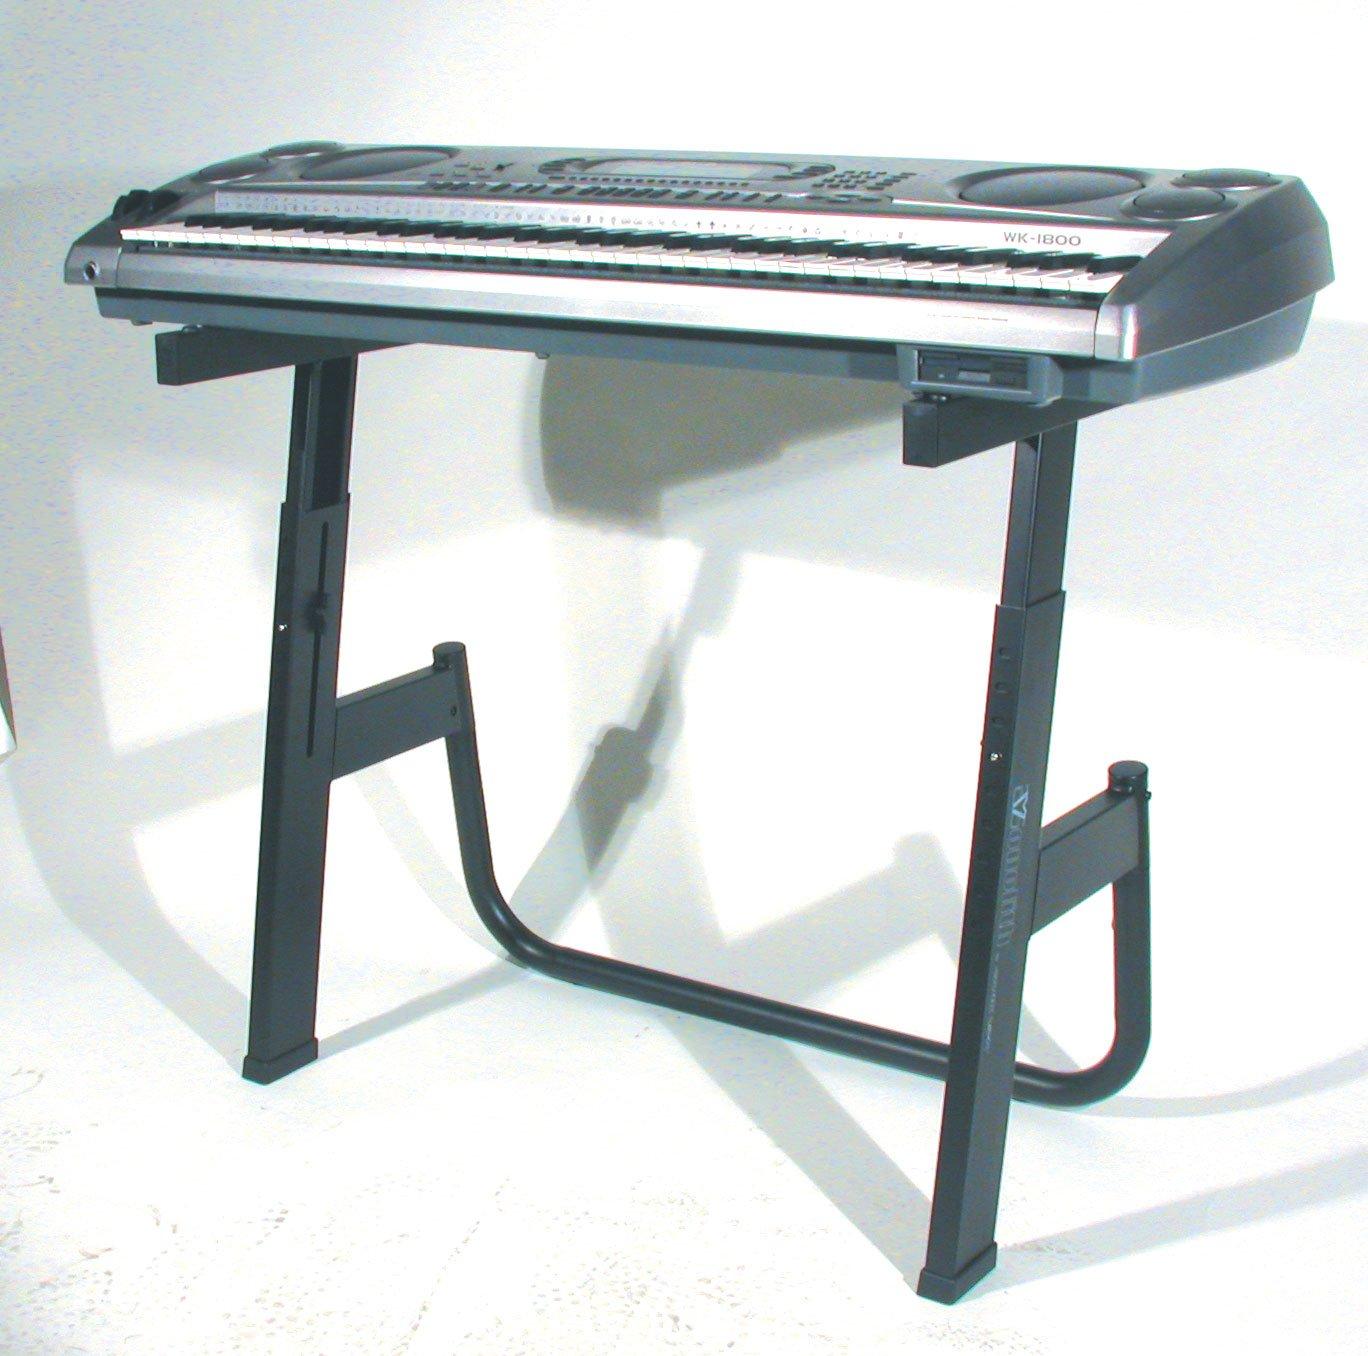 Quik Lok M / 91 Soporte Single-Tier teclado Monolith - Negro: Amazon.es: Instrumentos musicales